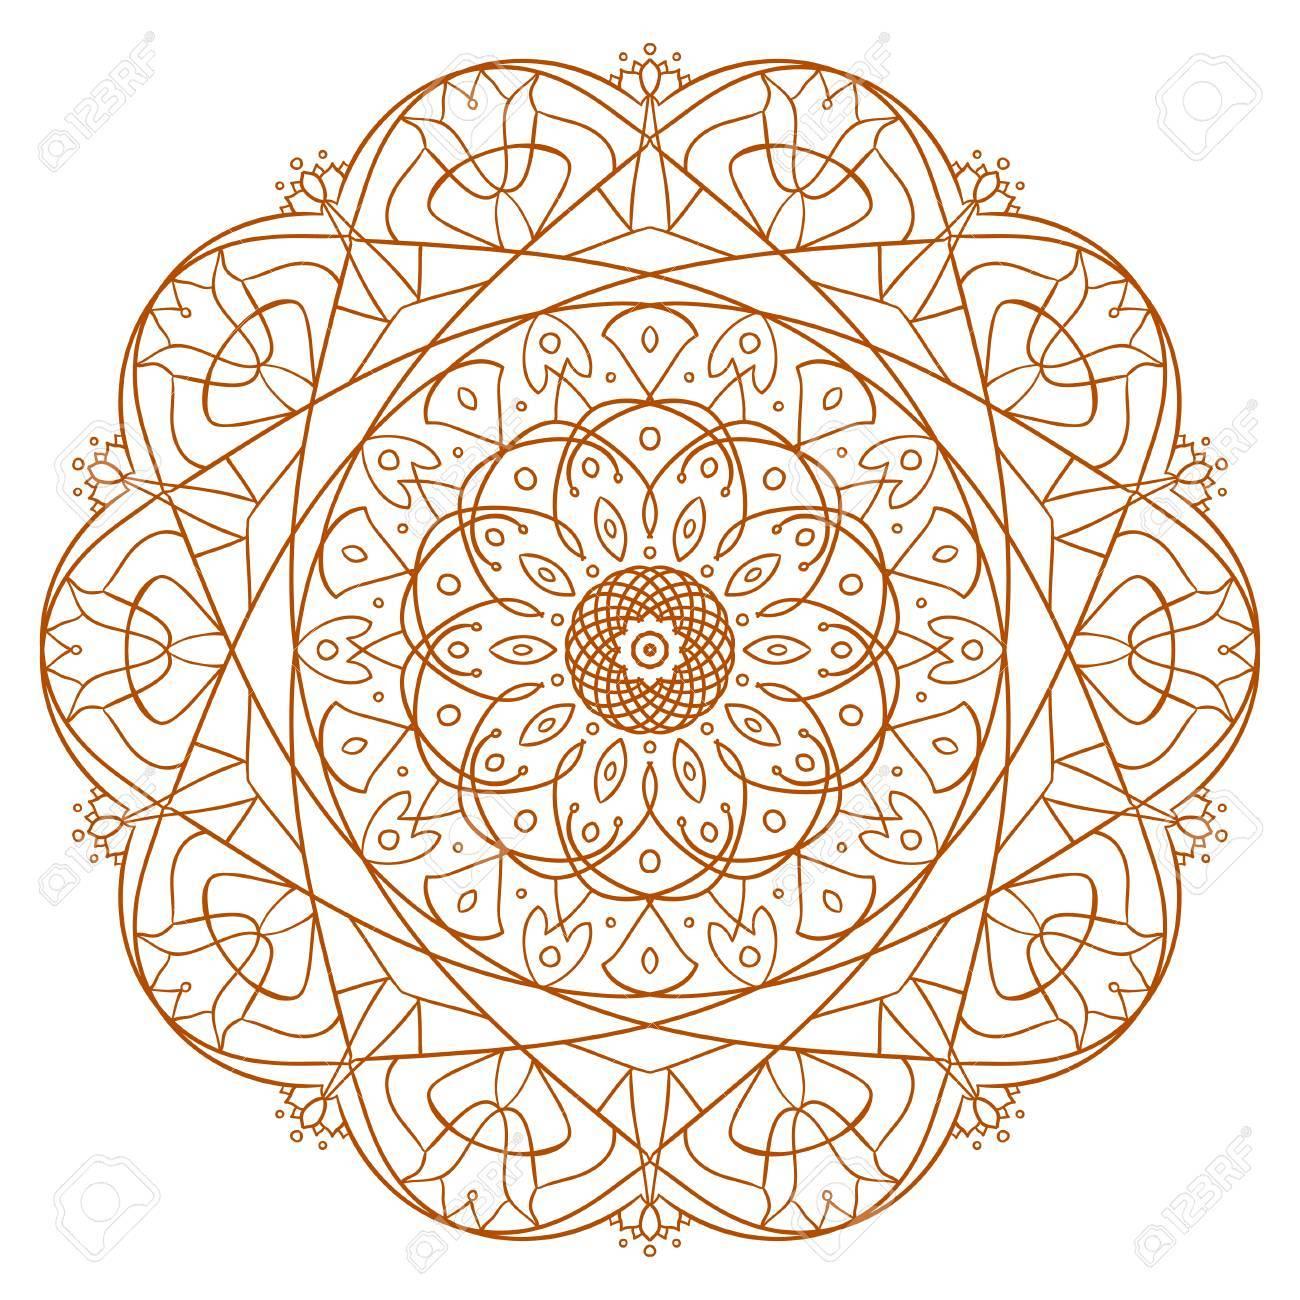 Diseño único Mandala Patrón Ornamental Para Página De Libro Para ...